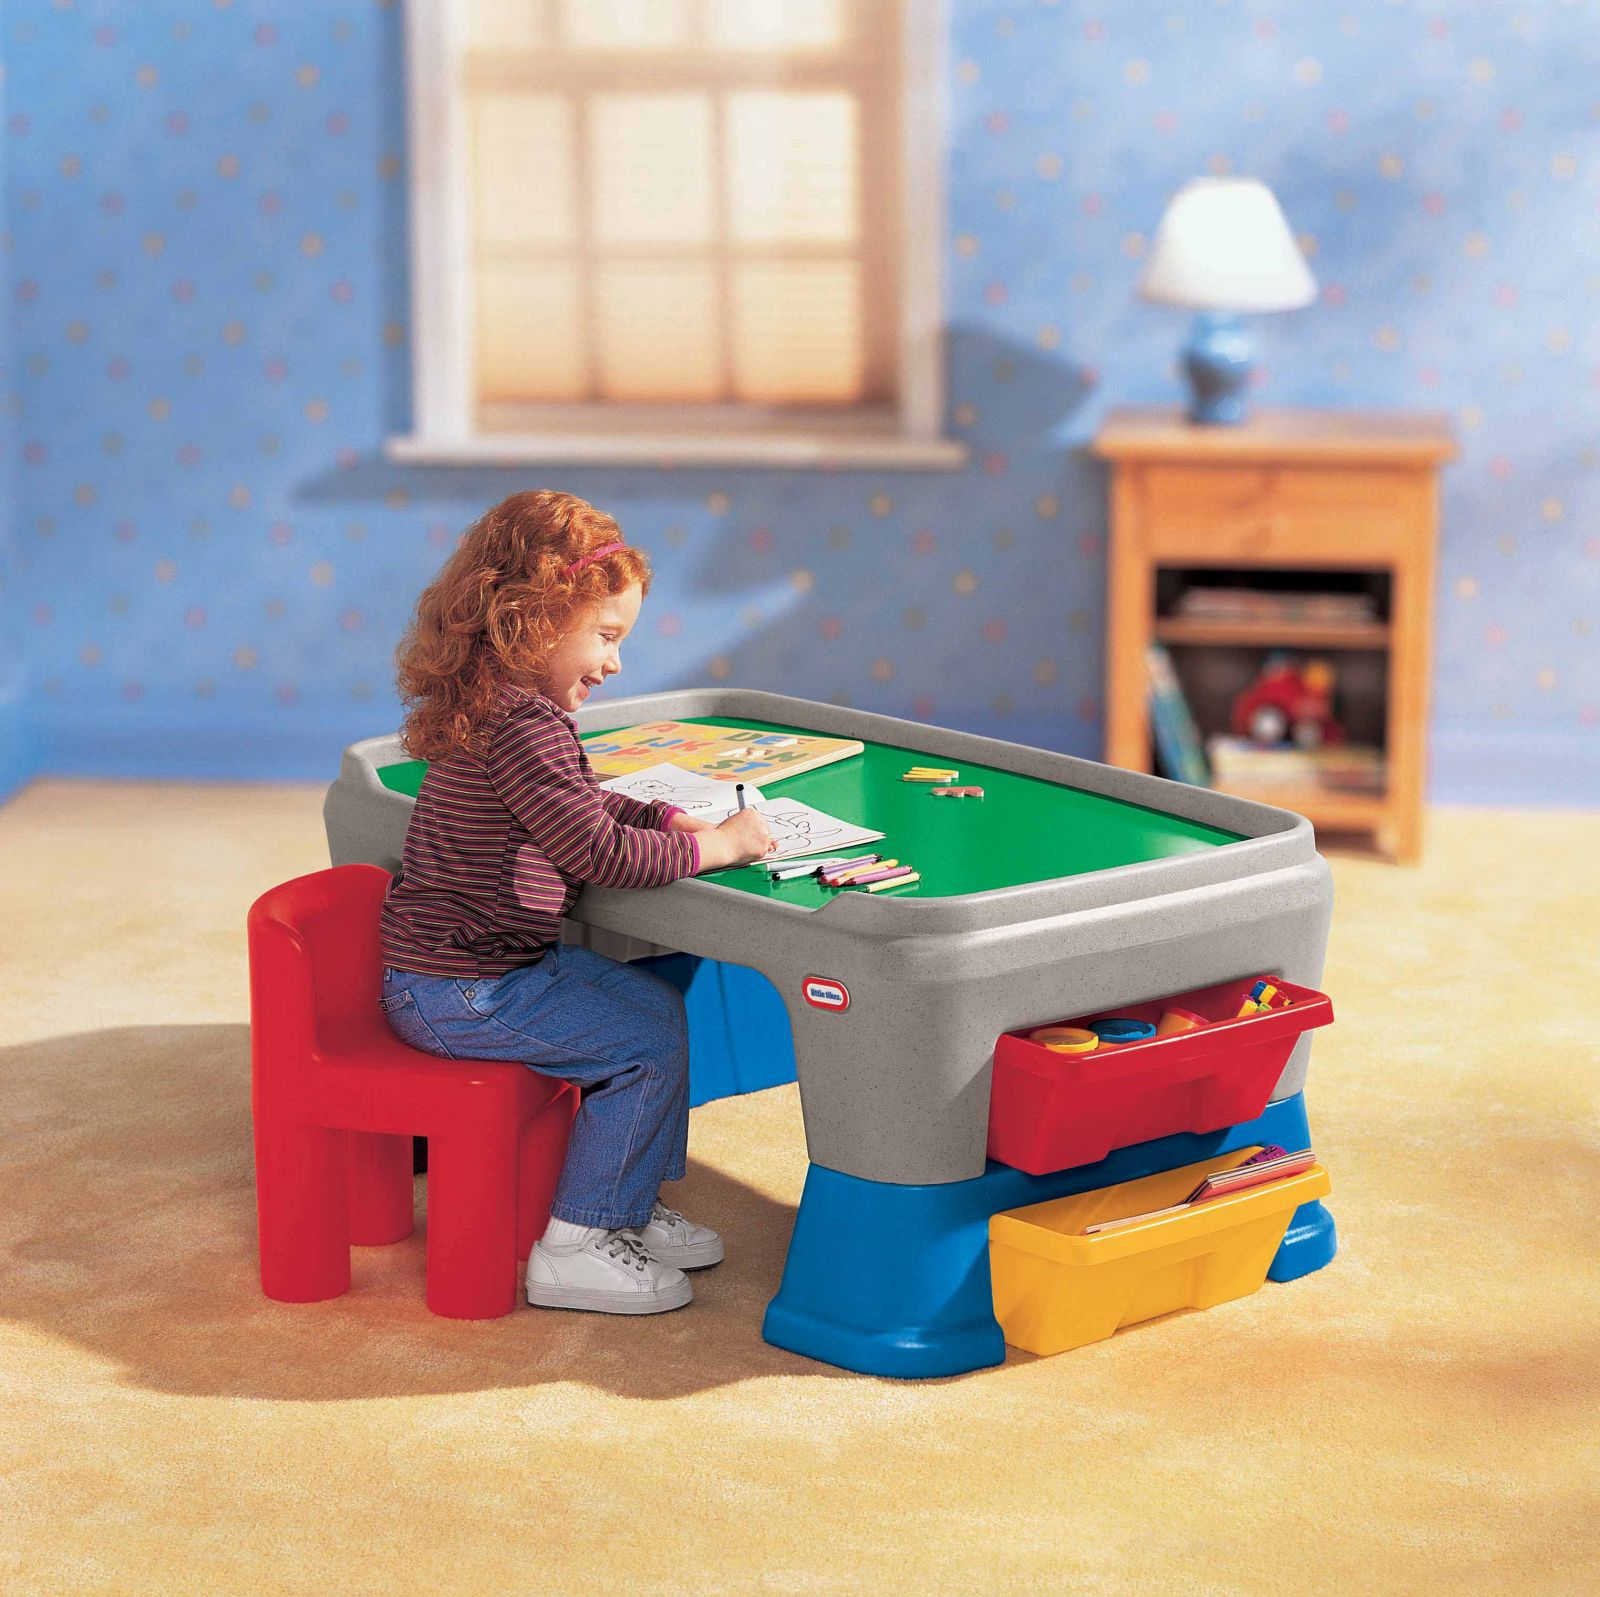 Little Tikes Easy Adjust Play Table